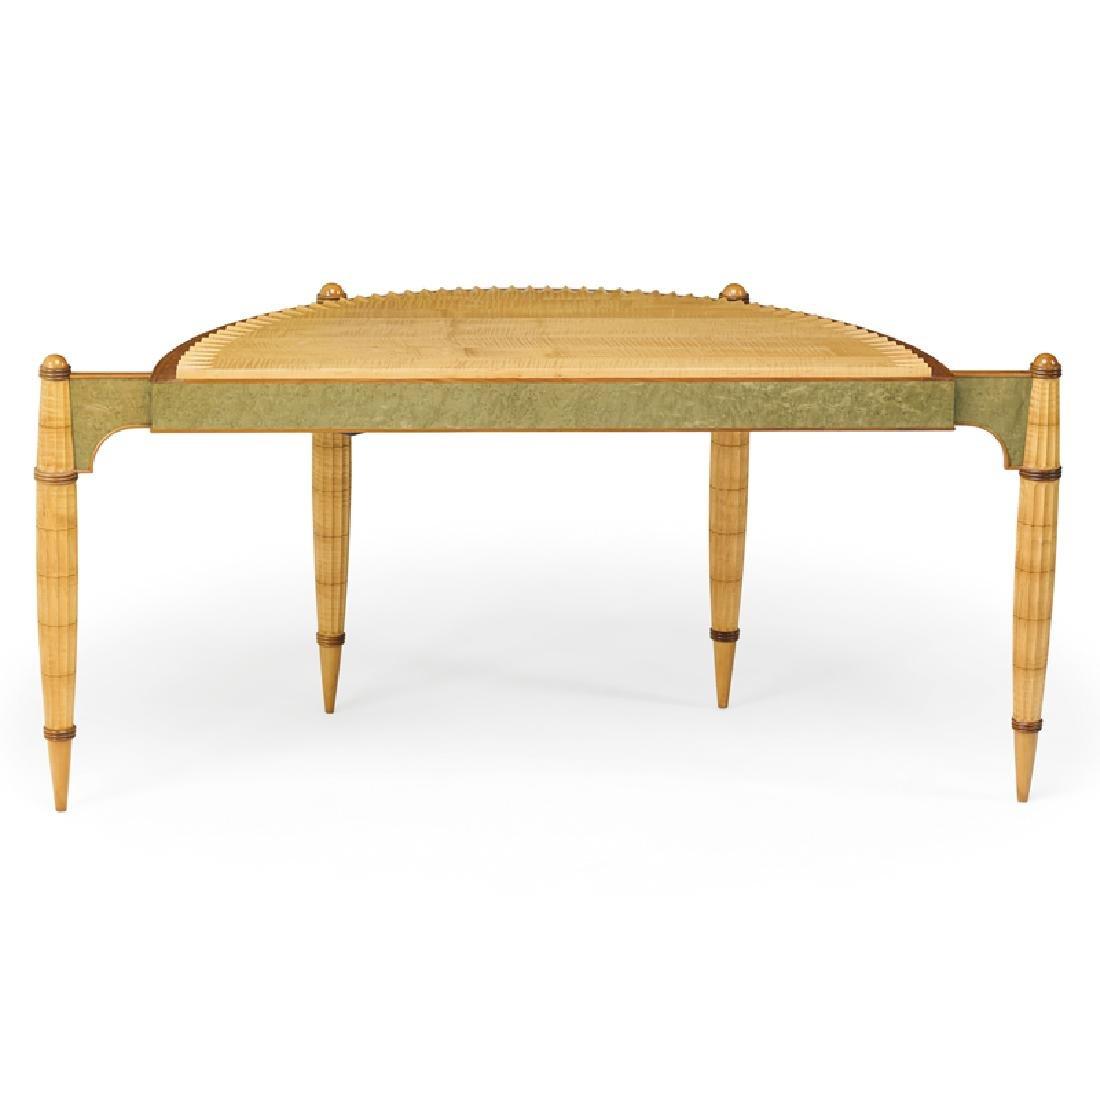 STEPHEN SMITH DANIELL Demi-lune table/desk - 2